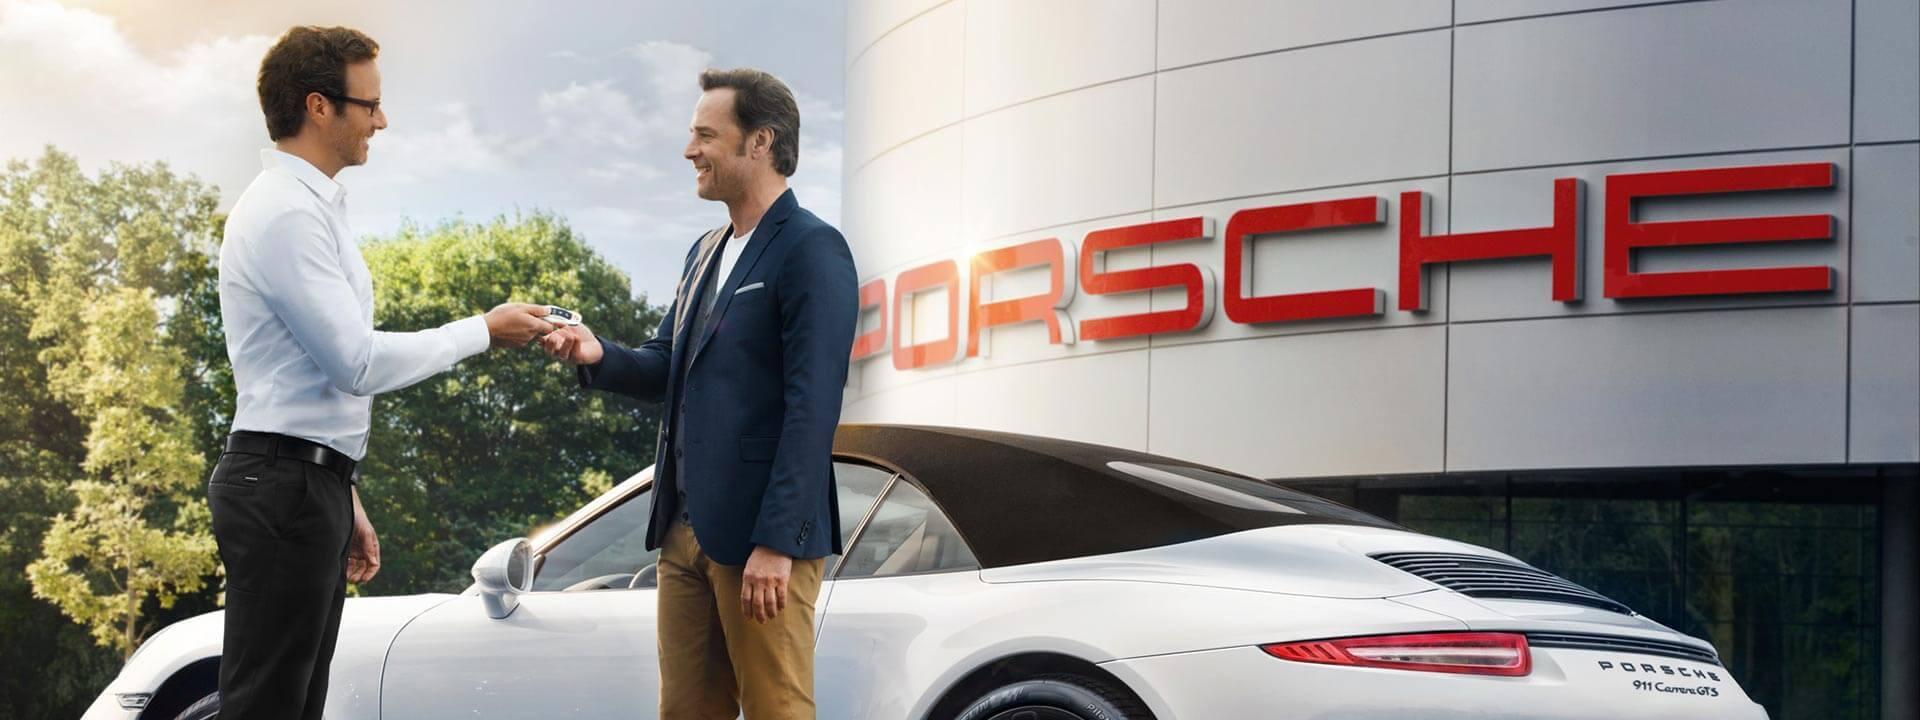 Two men exchanging Porsche keys in Bakersfield